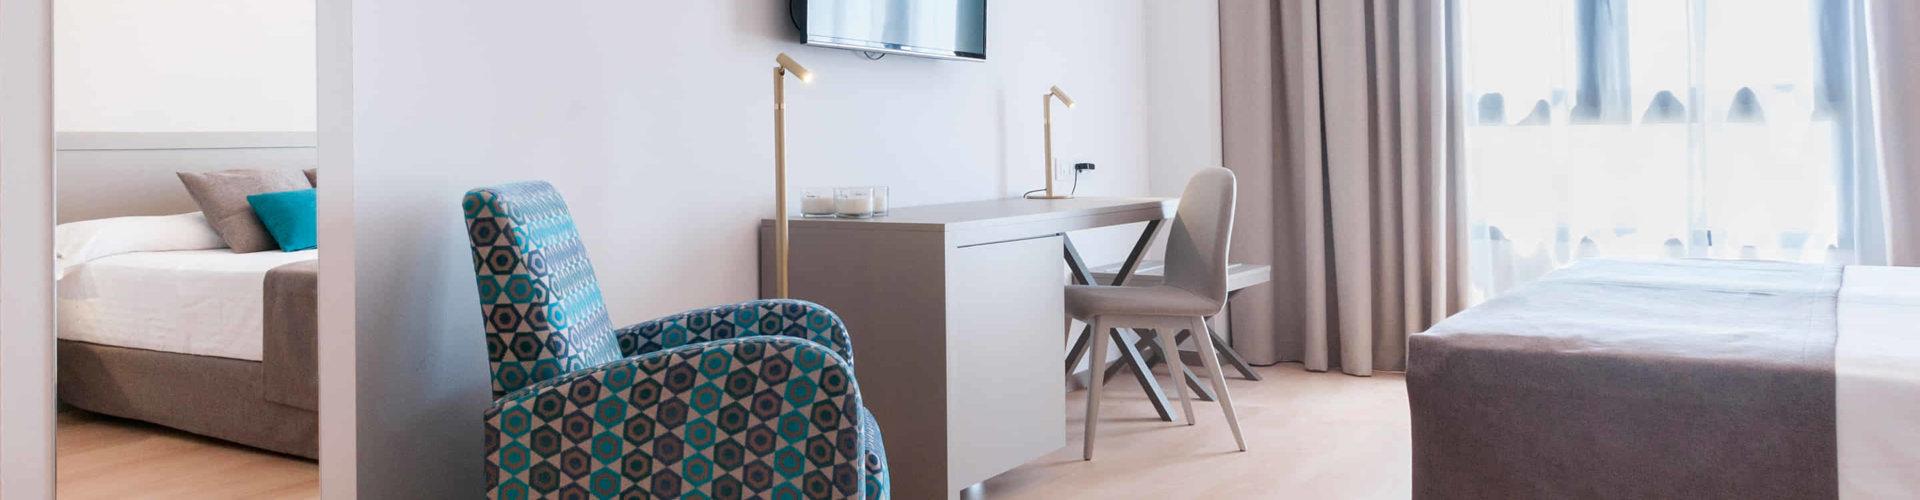 muebles hoteles portada orsal.com